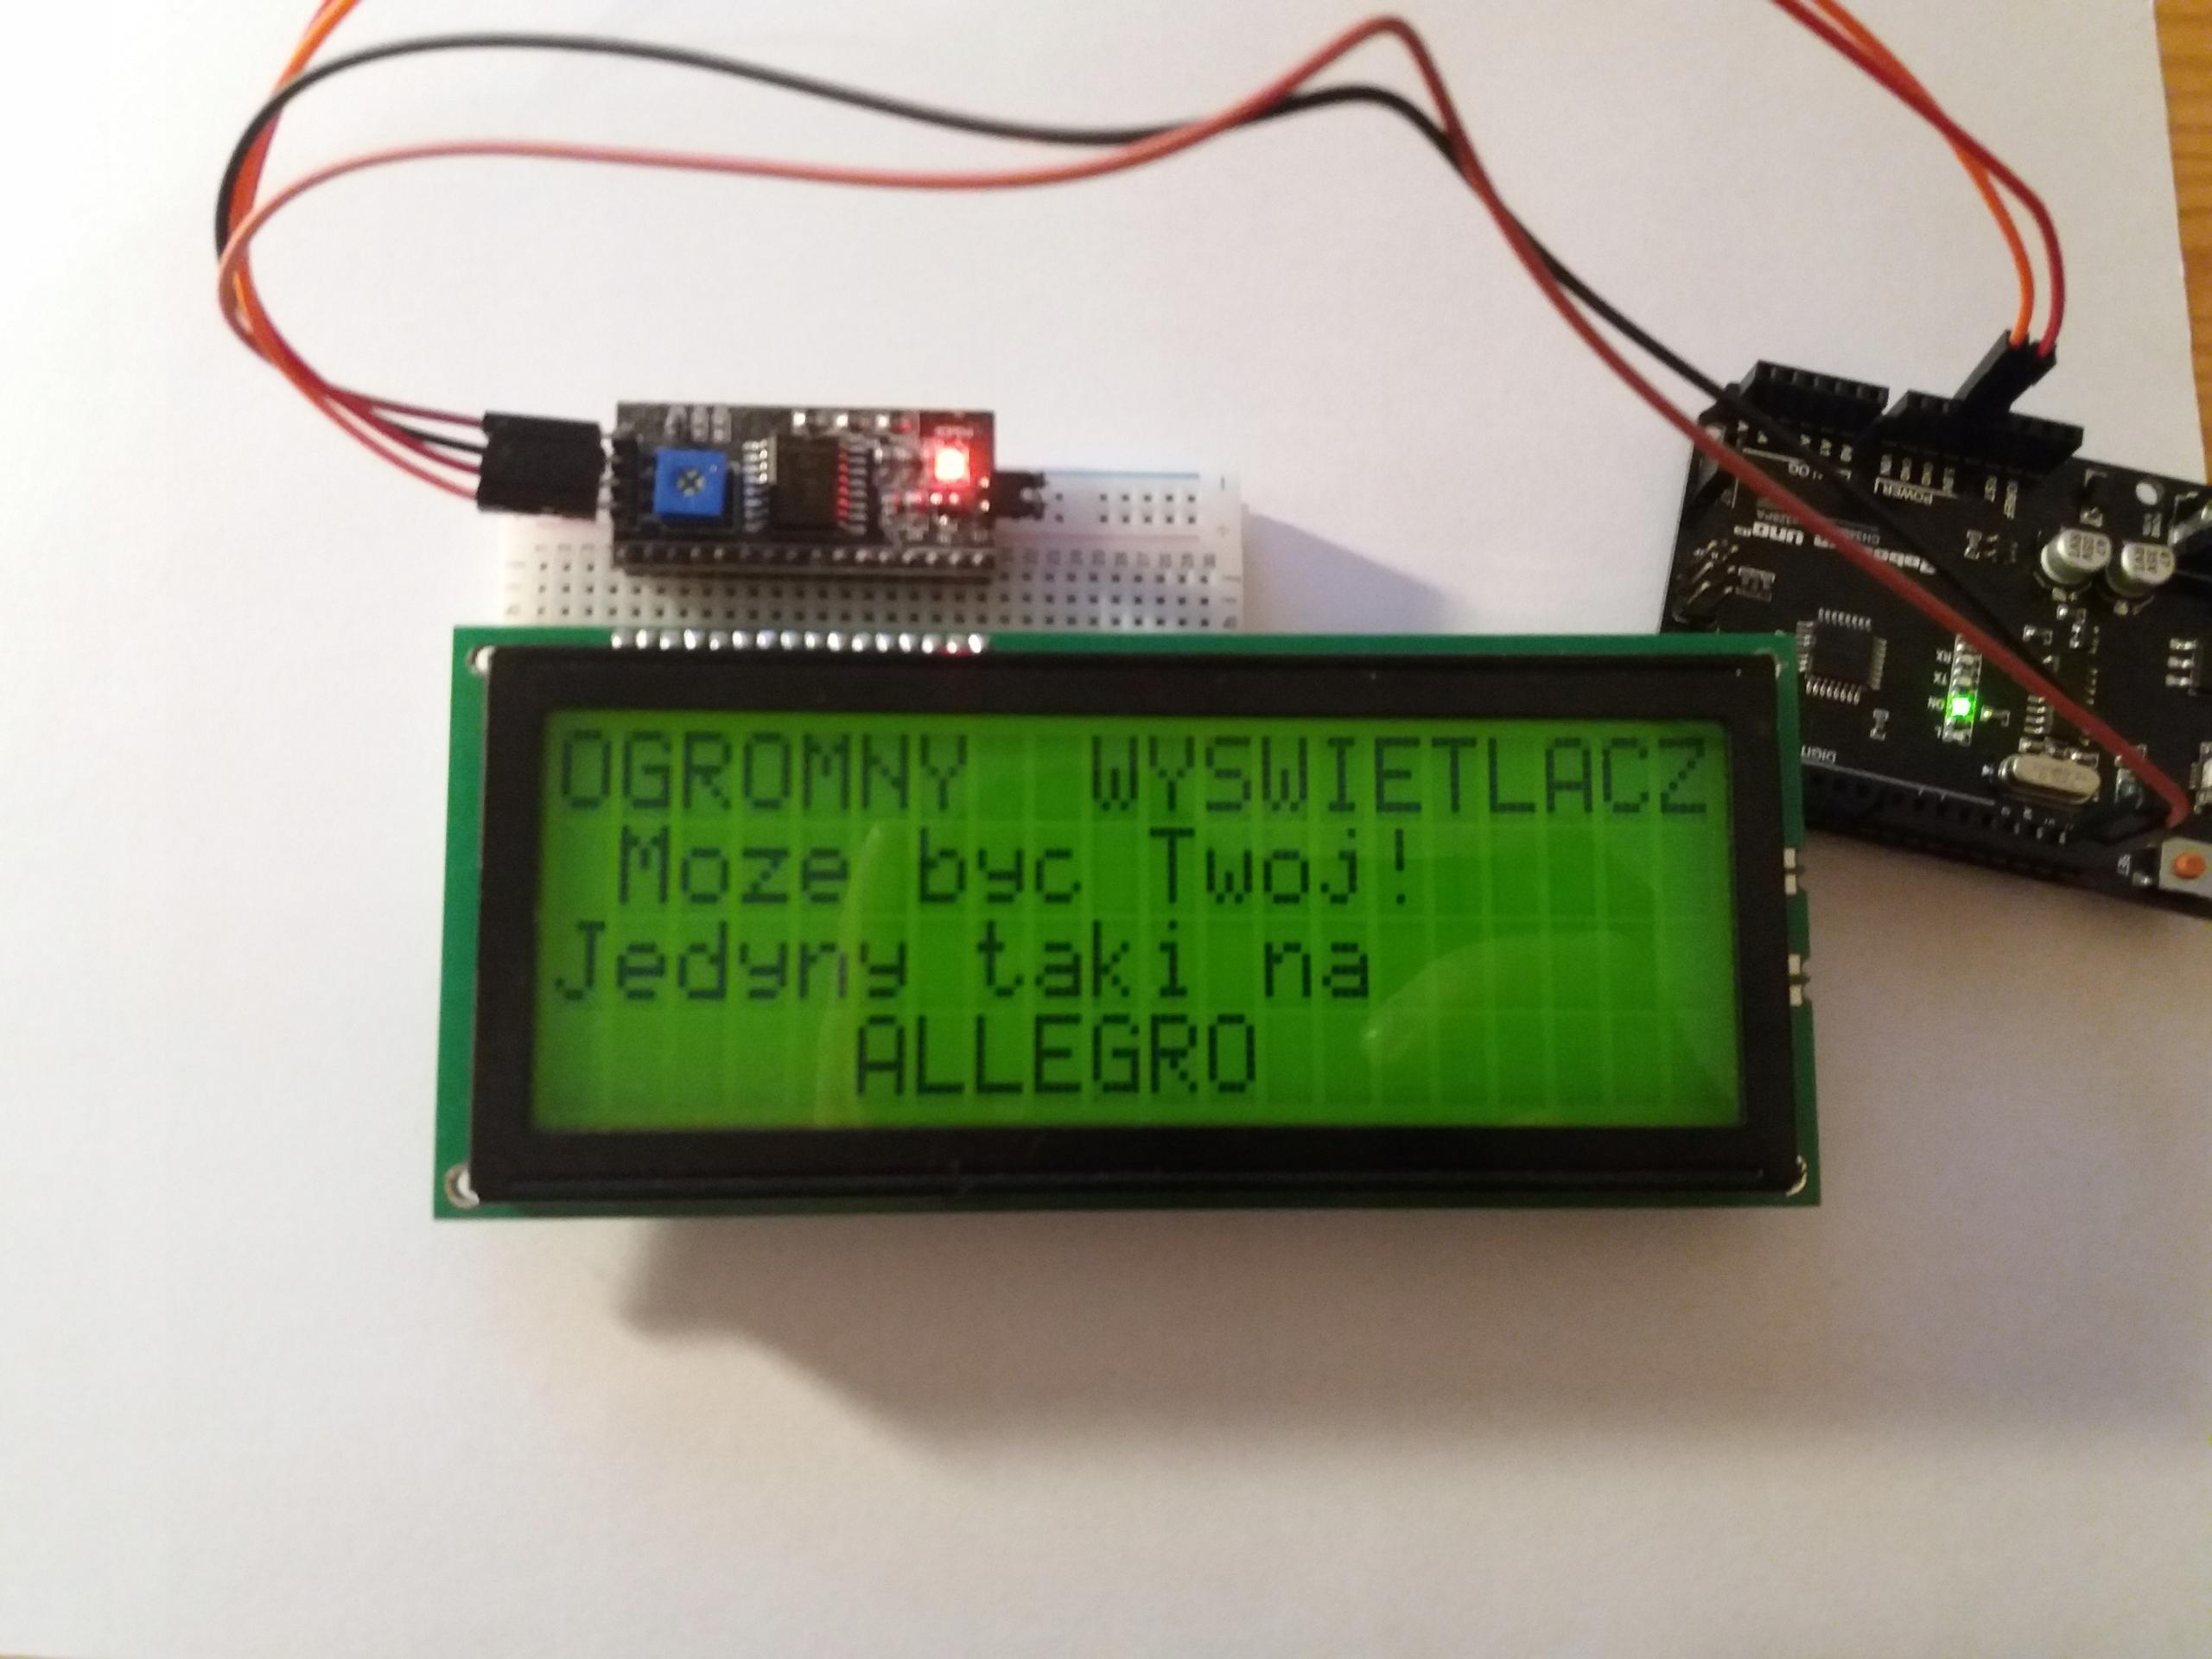 OGROMNY WYŚWIETLACZ LCD DO PROJEKTÓW ARDUINO 4x20